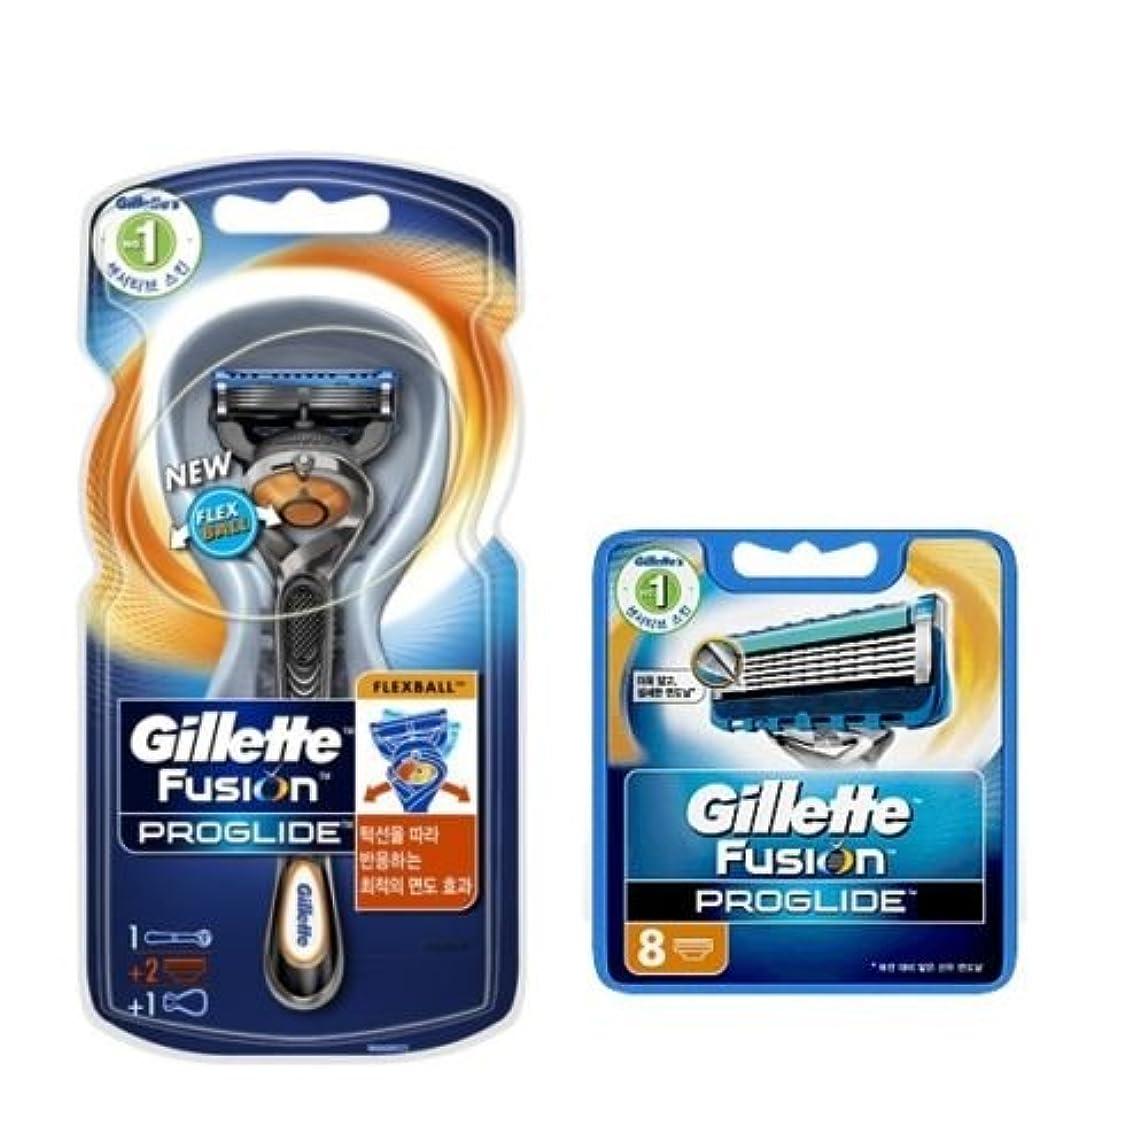 慣性つぶす注ぎますGillette Fusion Proglide Flexball Manual メンズ1剃刀10剃刀刃 [並行輸入品]